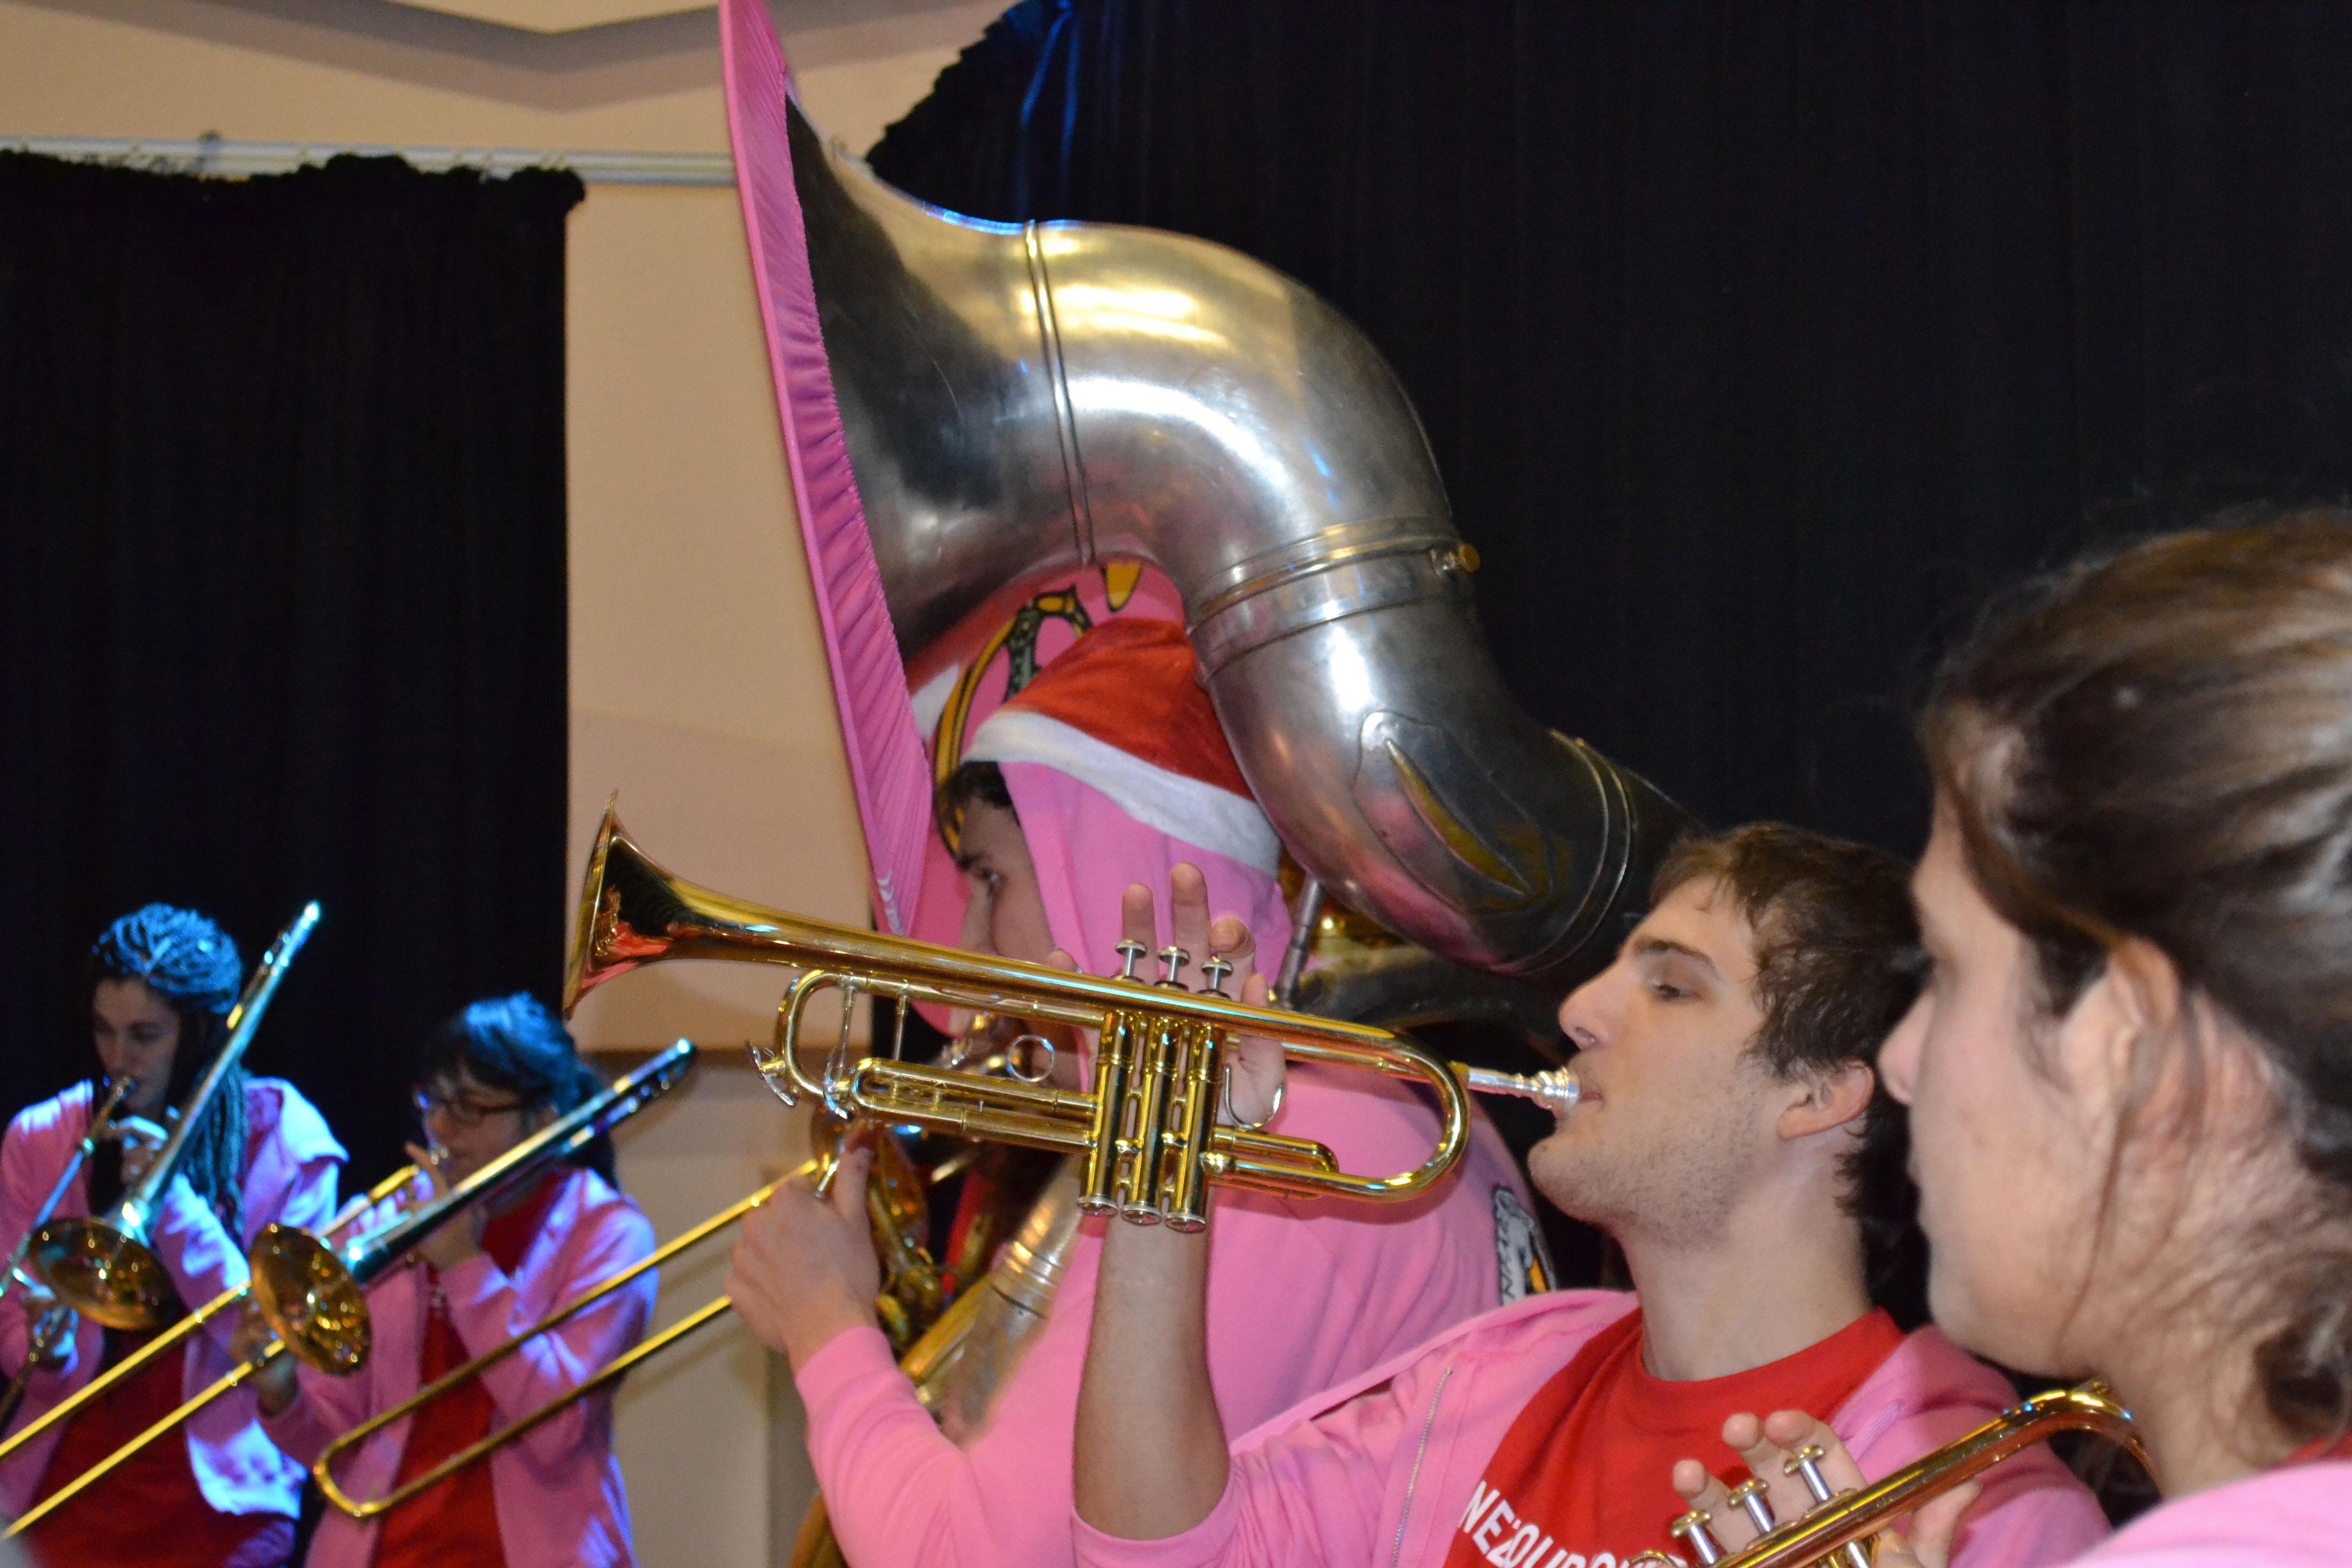 Soubiste et trompettiste, d'ores et déjà ensemble